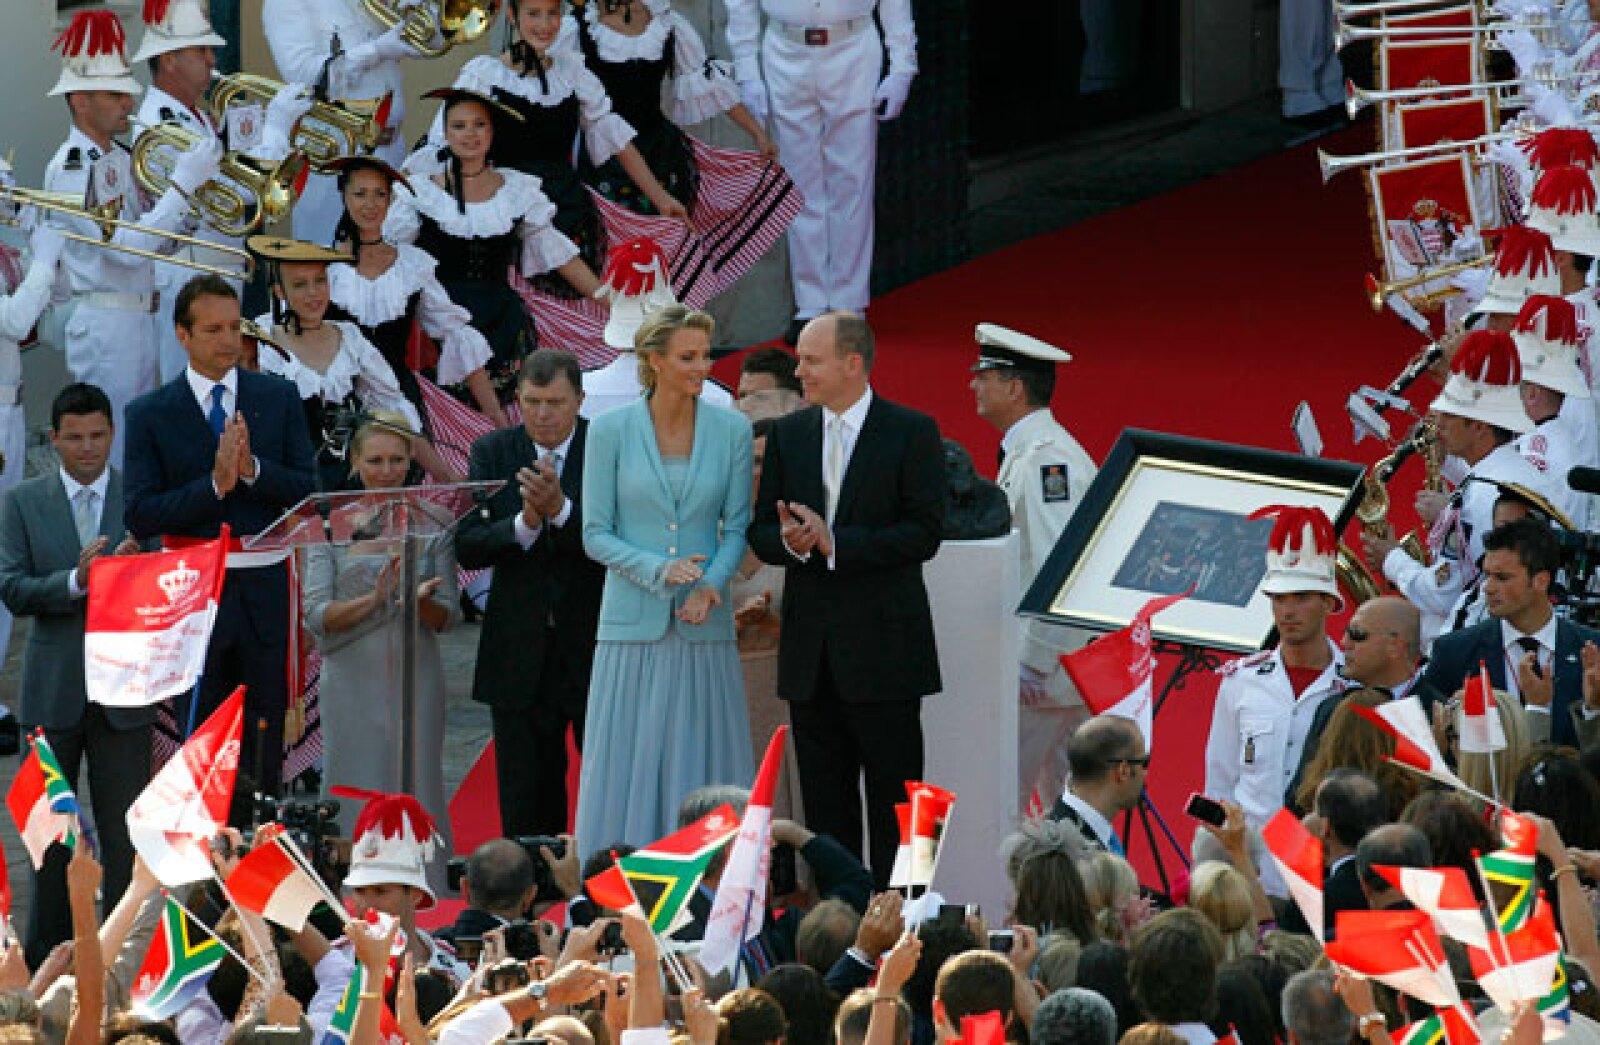 La boda es la primera para ambos, aunque el príncipe ha reconocido la paternidad extramatrimonial de dos niños.